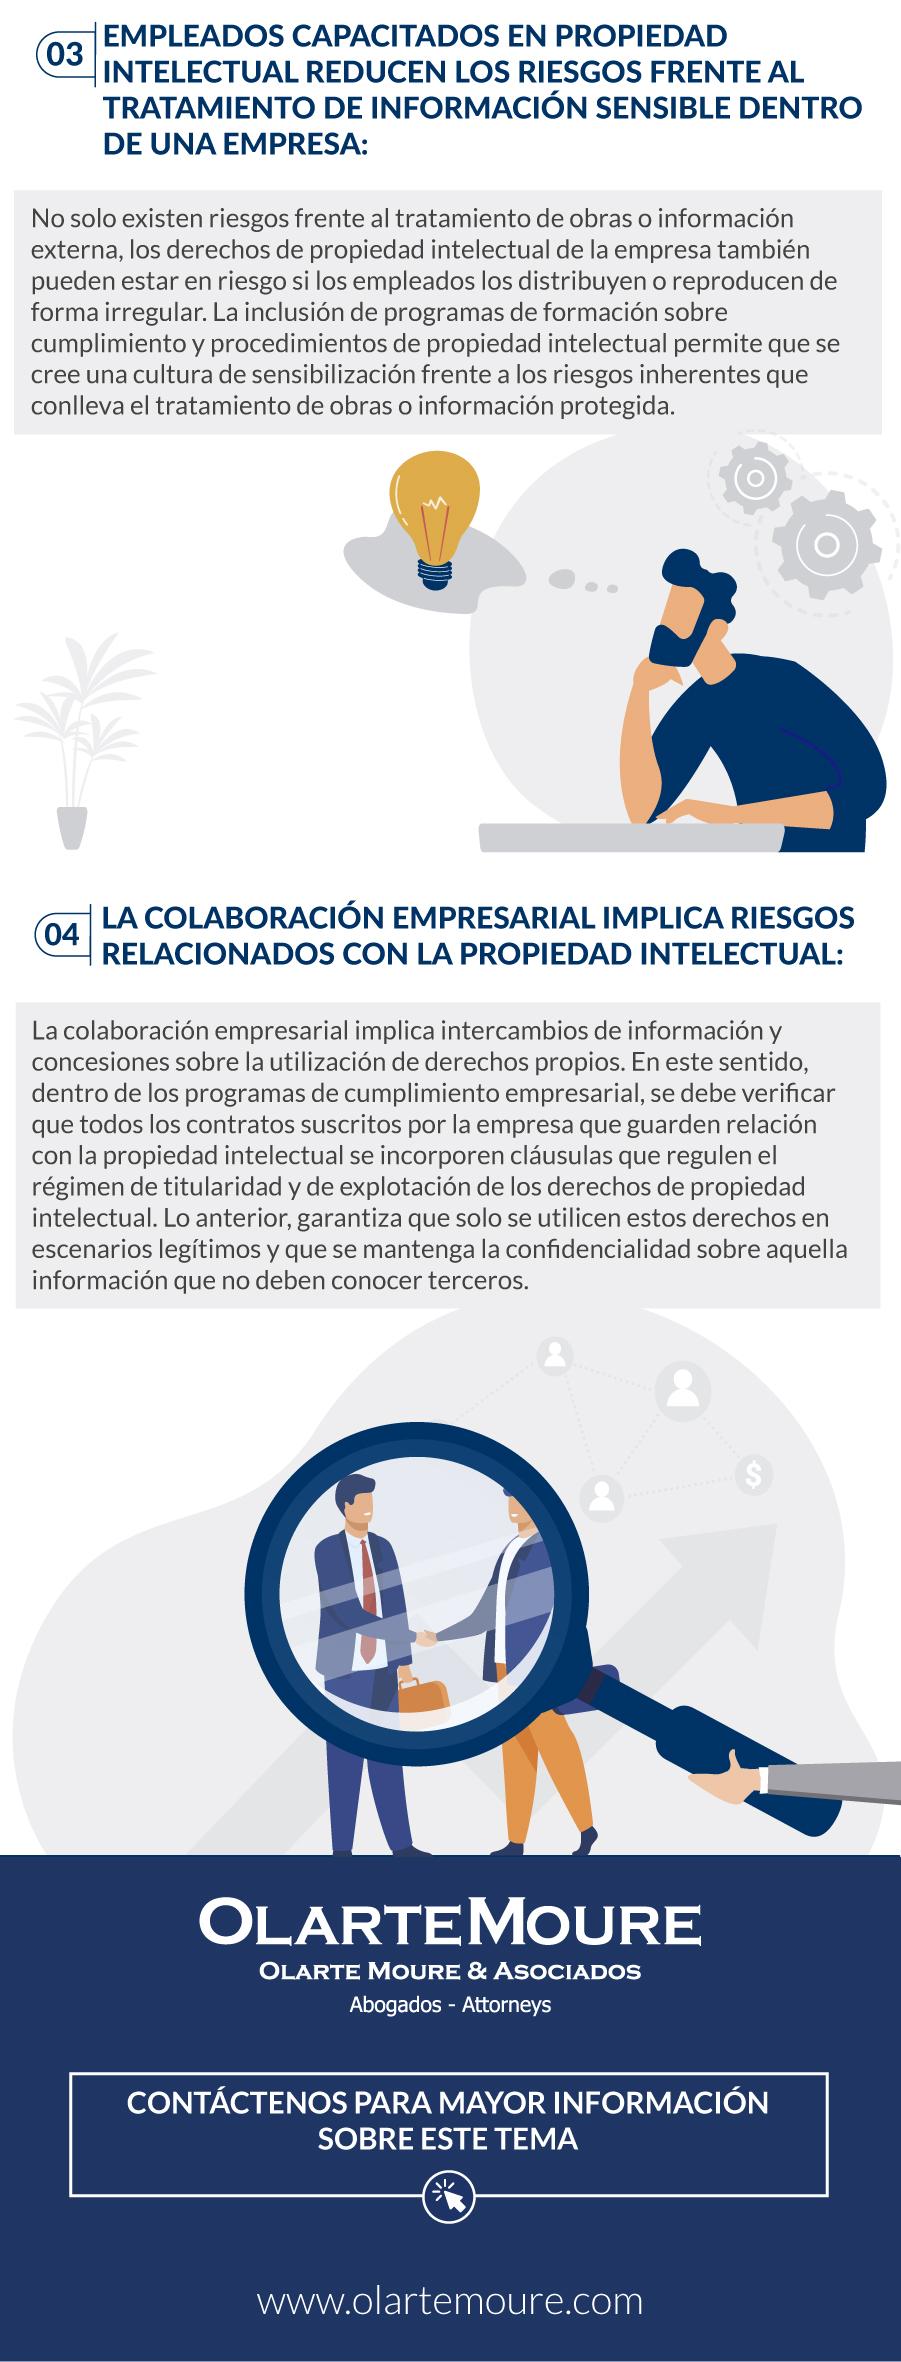 empleados capacitados en propiedad intelectual reducen riesgos en el tratamiento de la información.